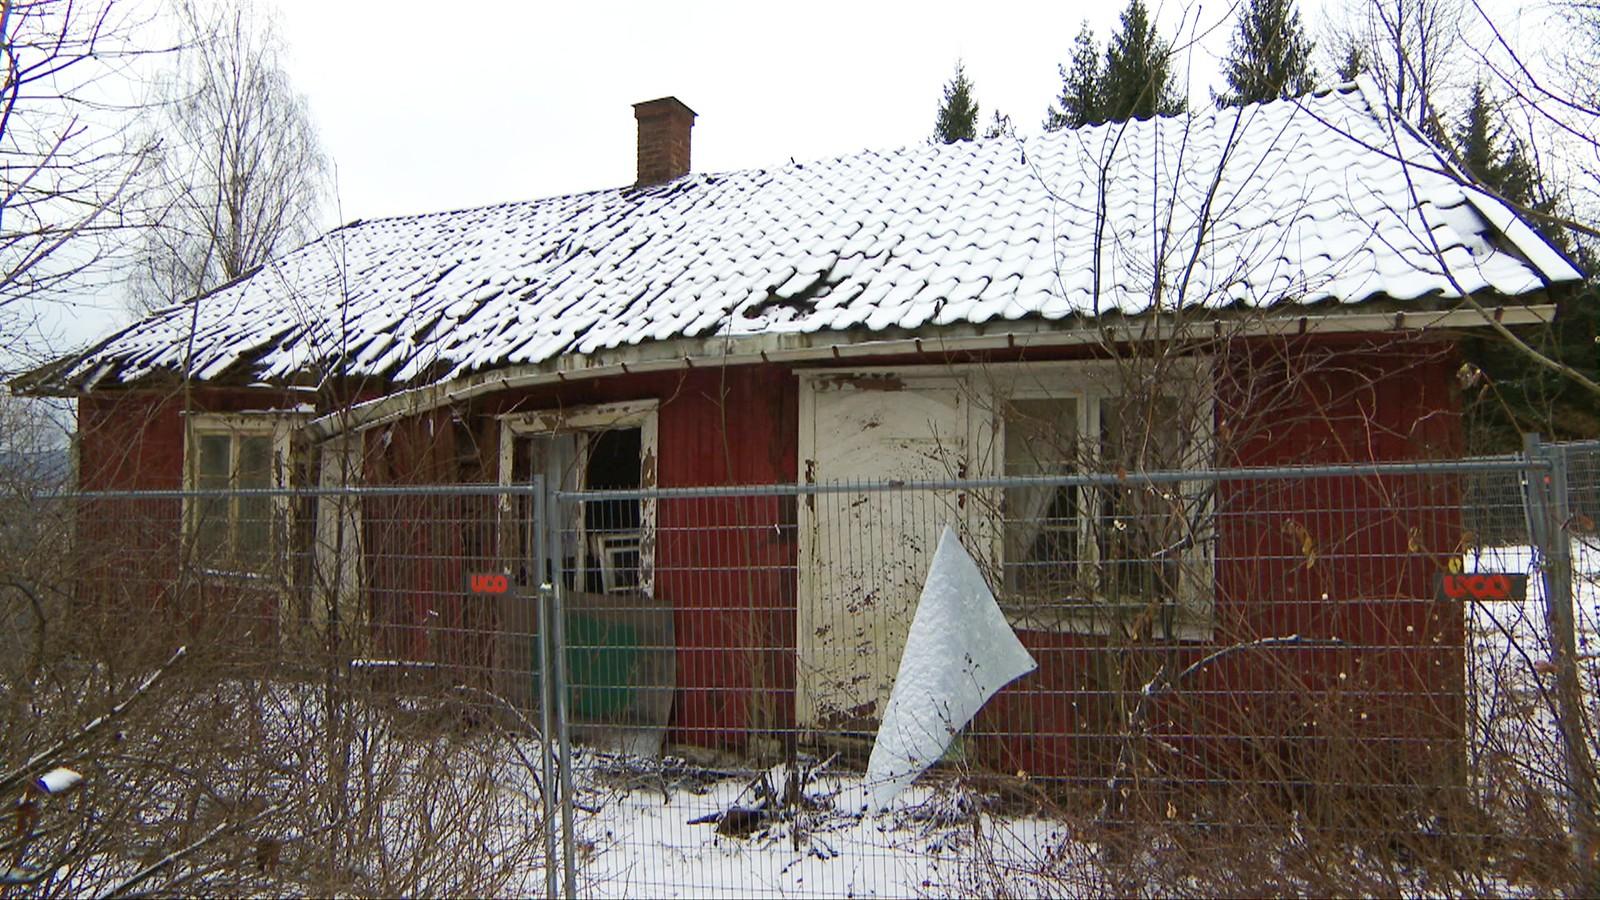 PREGET AV FORFALL: Den gamle husmannsplassen Bråtan på Skaugum forfaller fordi kronprinsparet ikke pusser den opp.